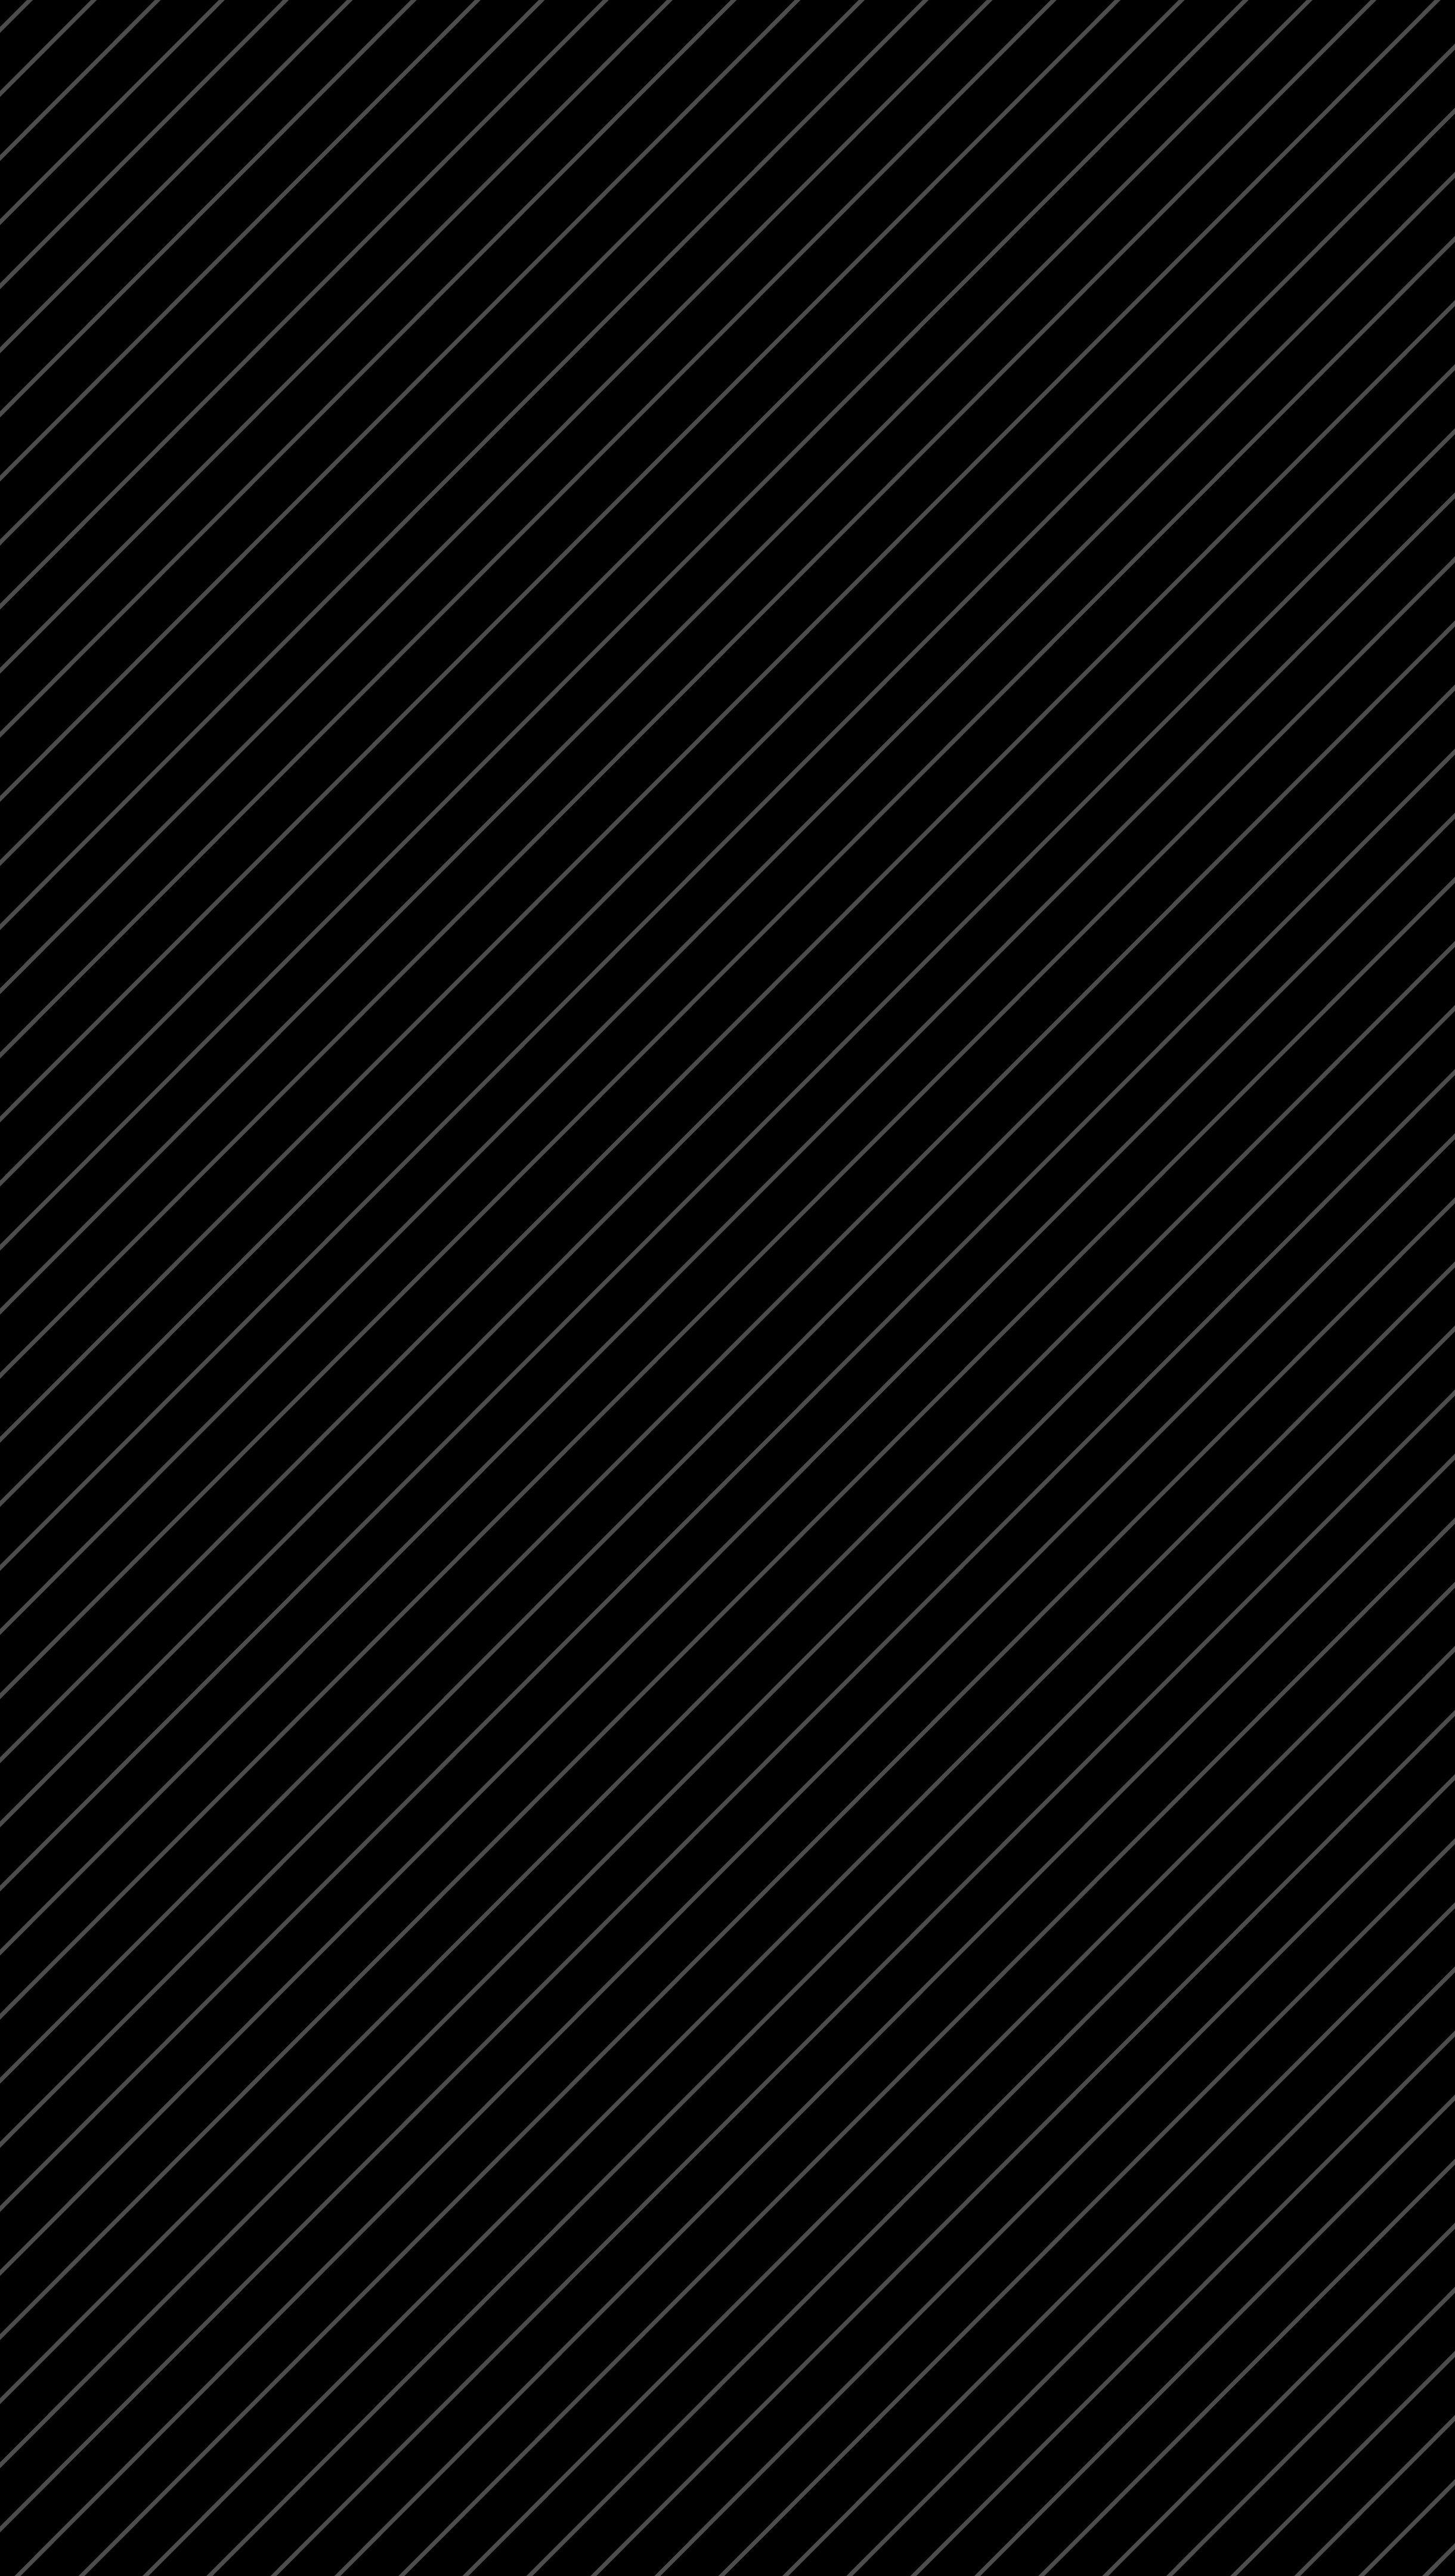 Fondos de pantalla Patrón de líneas Negro Vertical